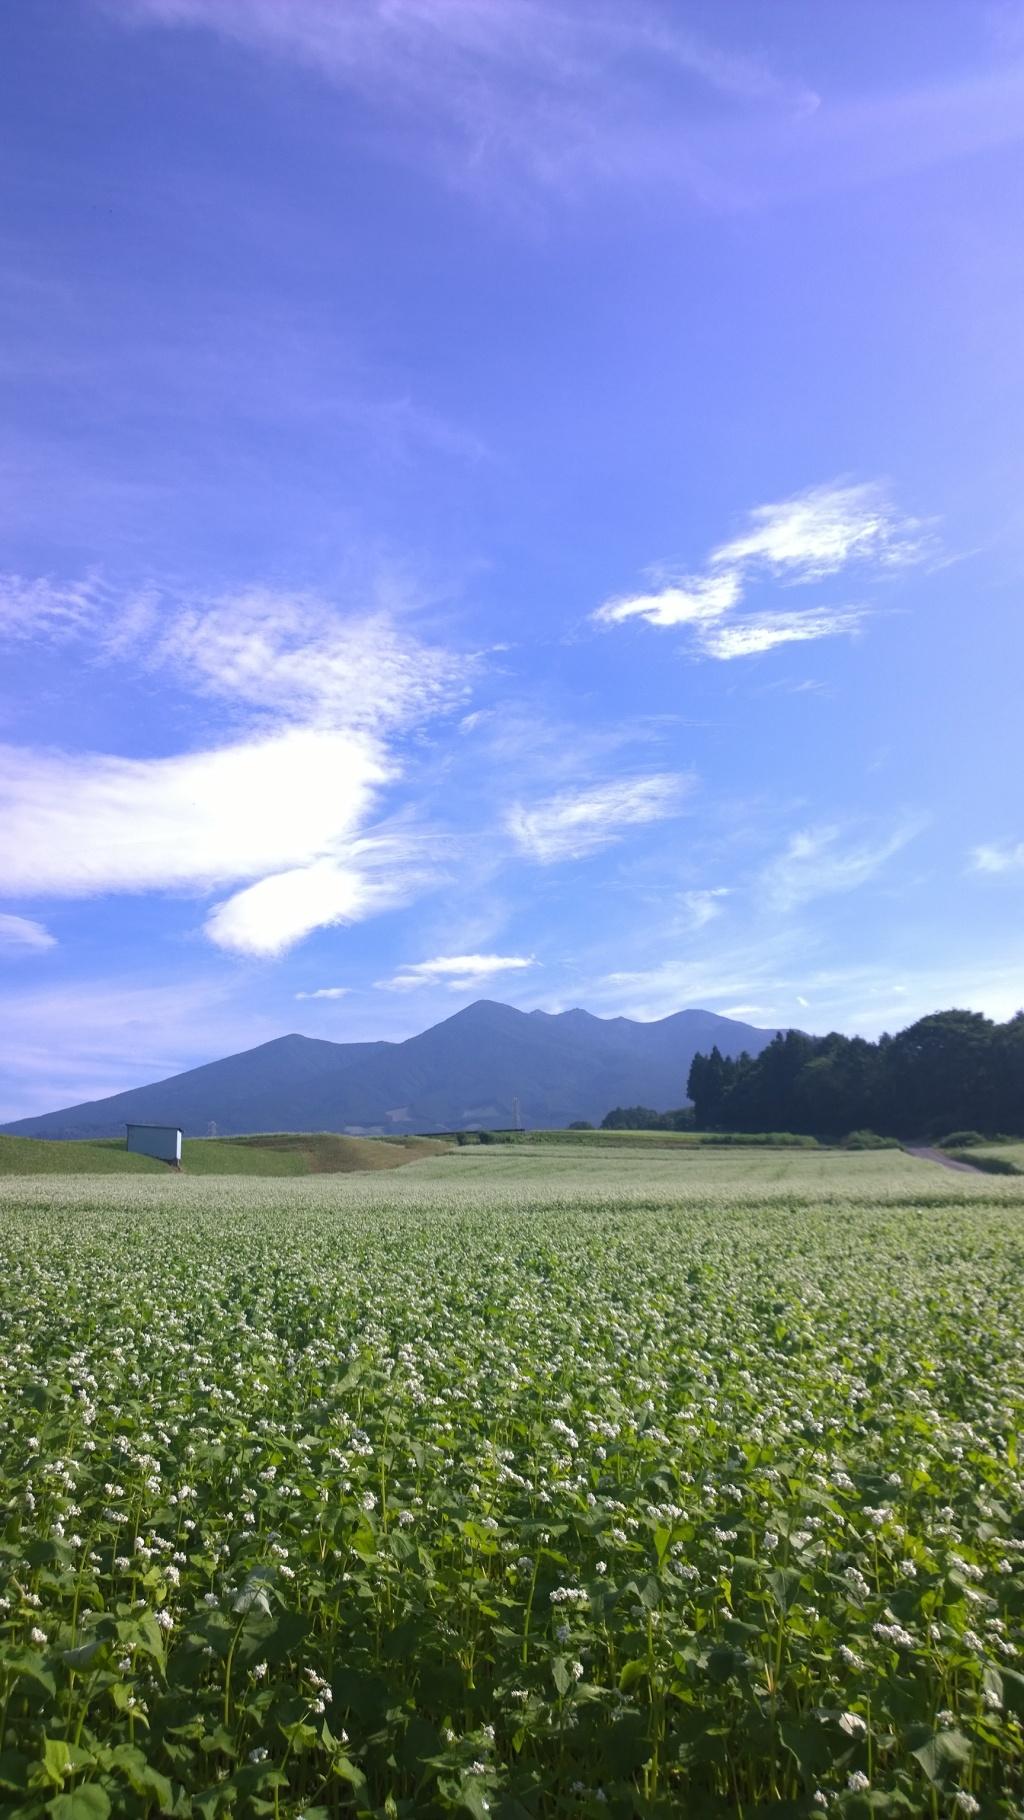 晴れた朝の蕎麦畑